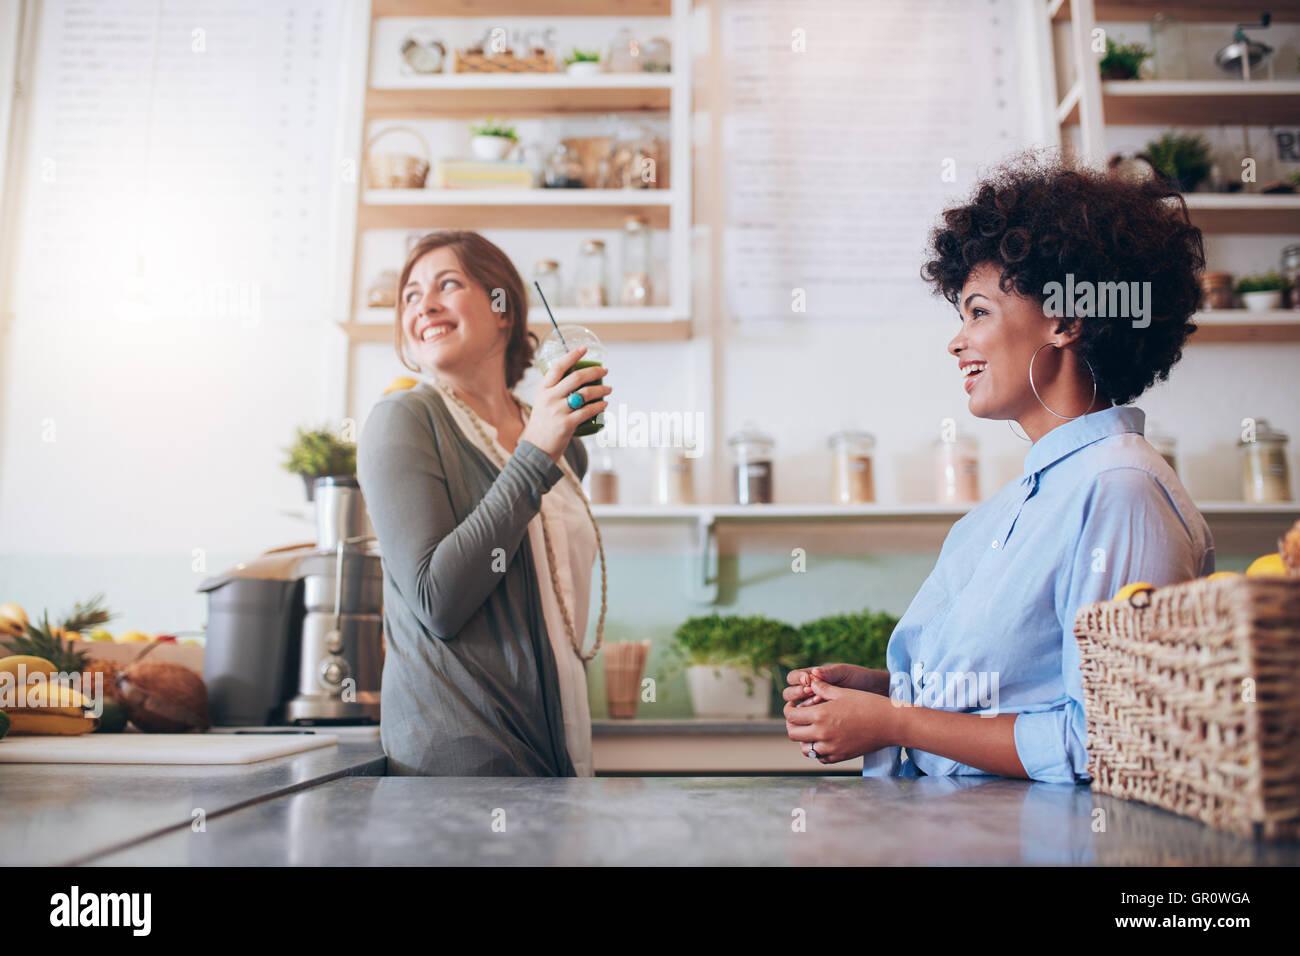 Zwei junge weibliche Saft Bar Mitarbeiter hinter der Theke stehen. Junge Frauen arbeiten bei Frucht-Saft-Bar. Stockbild